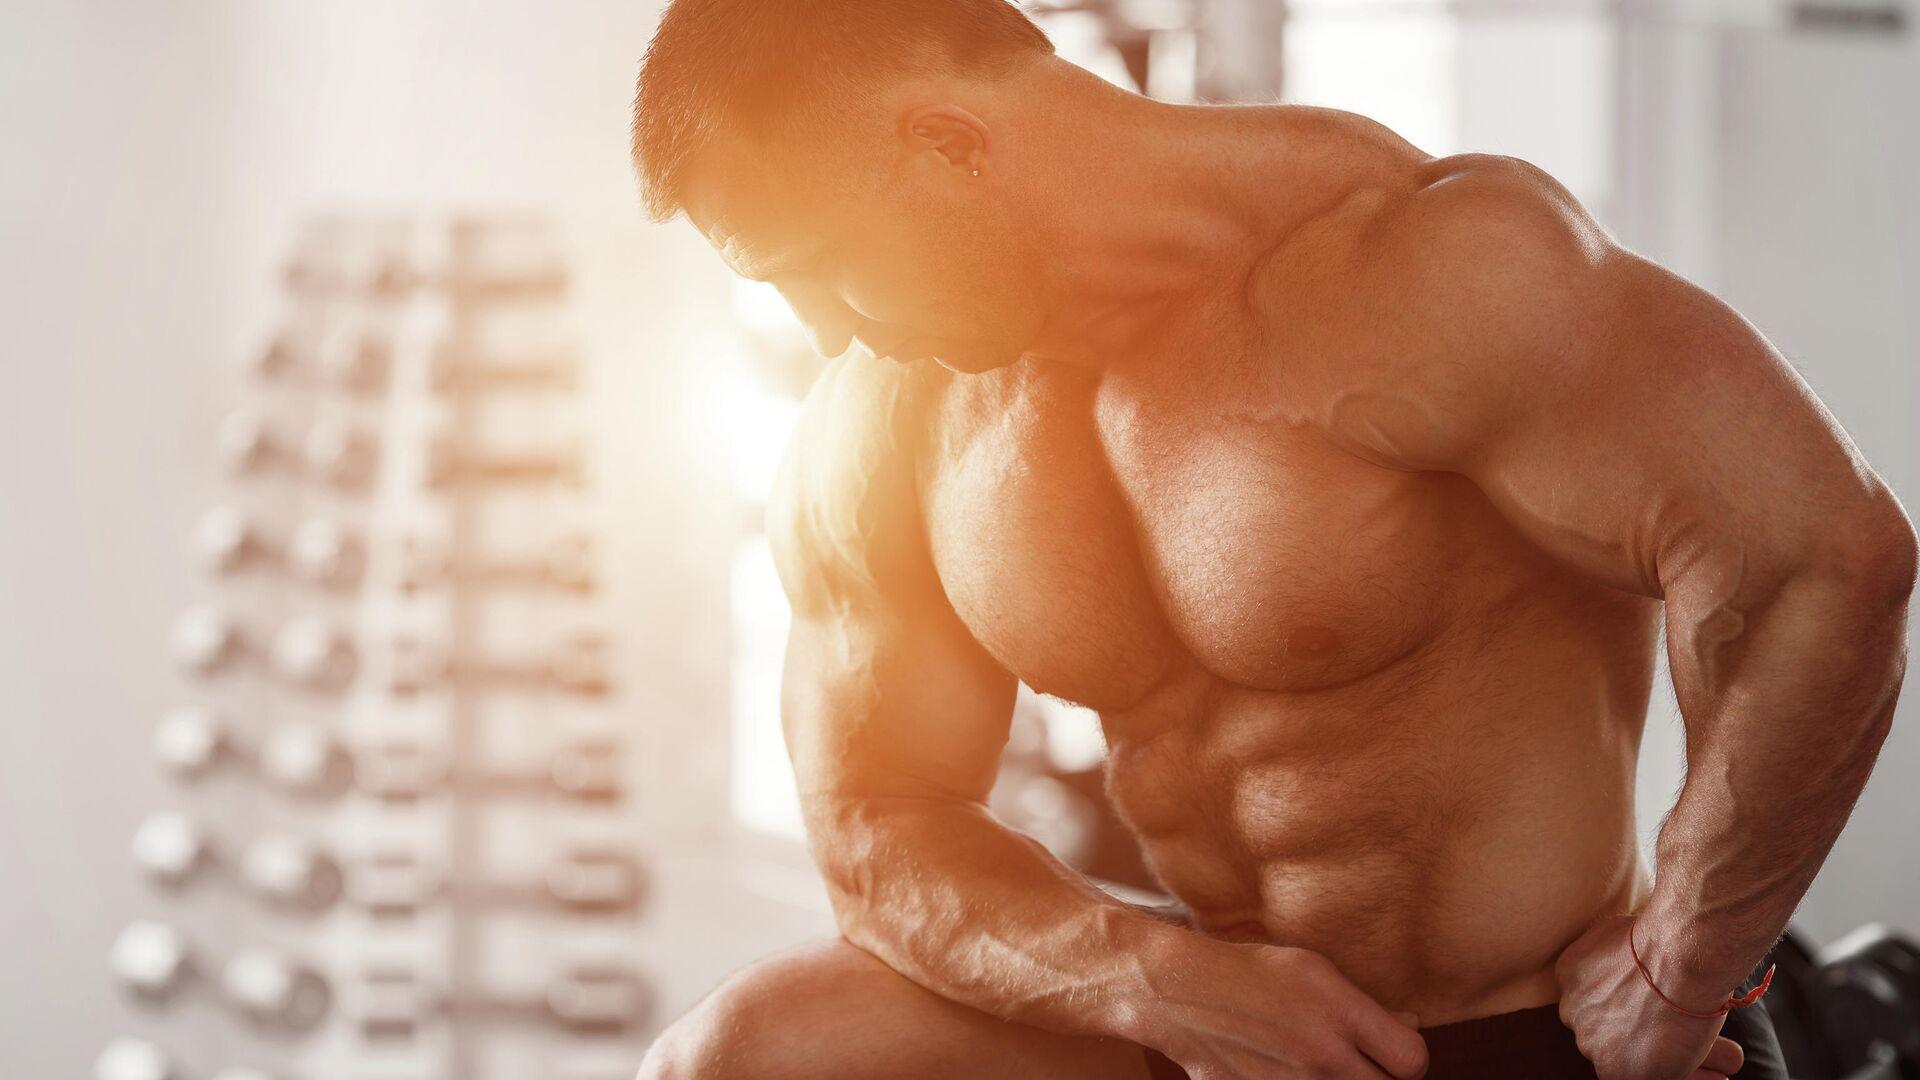 Математики описали лучший способ нарастить мышечную массу